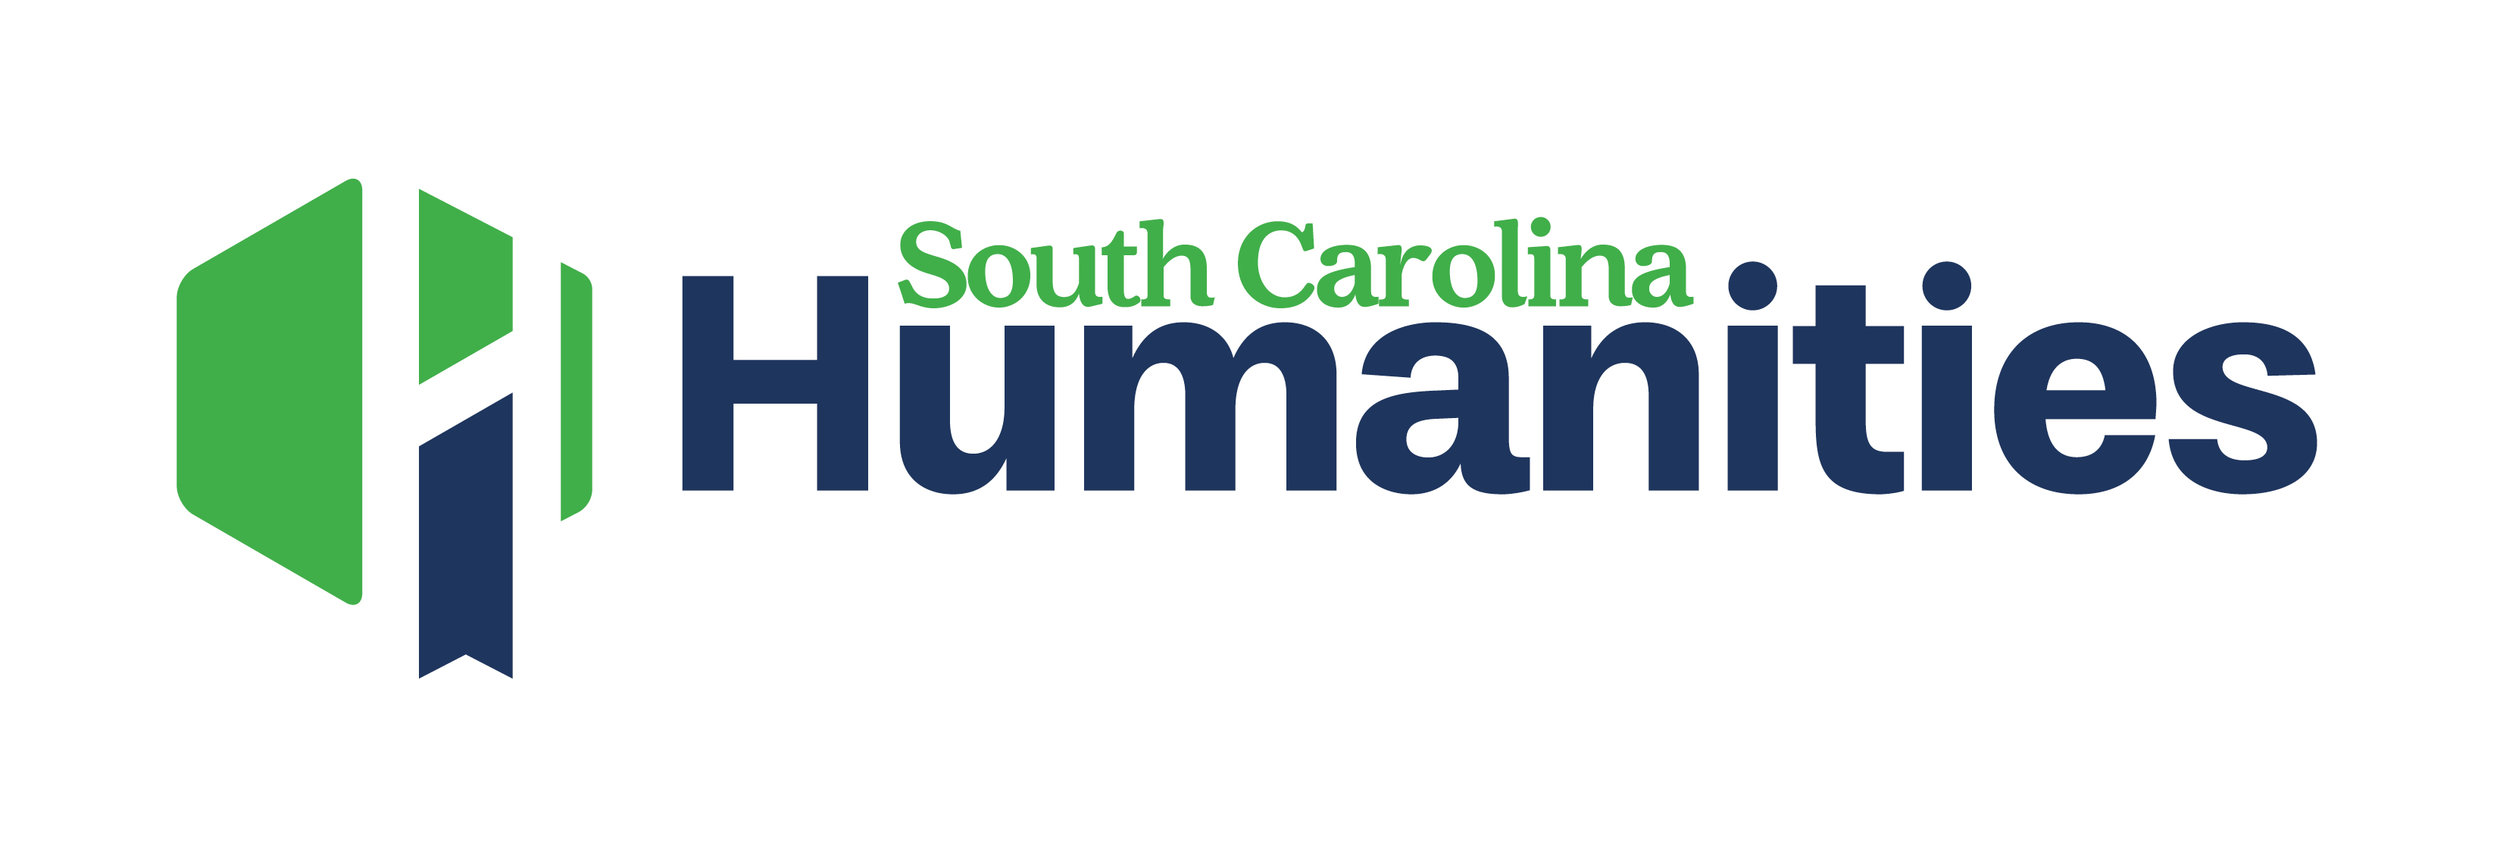 schumanities-logo-color.jpg